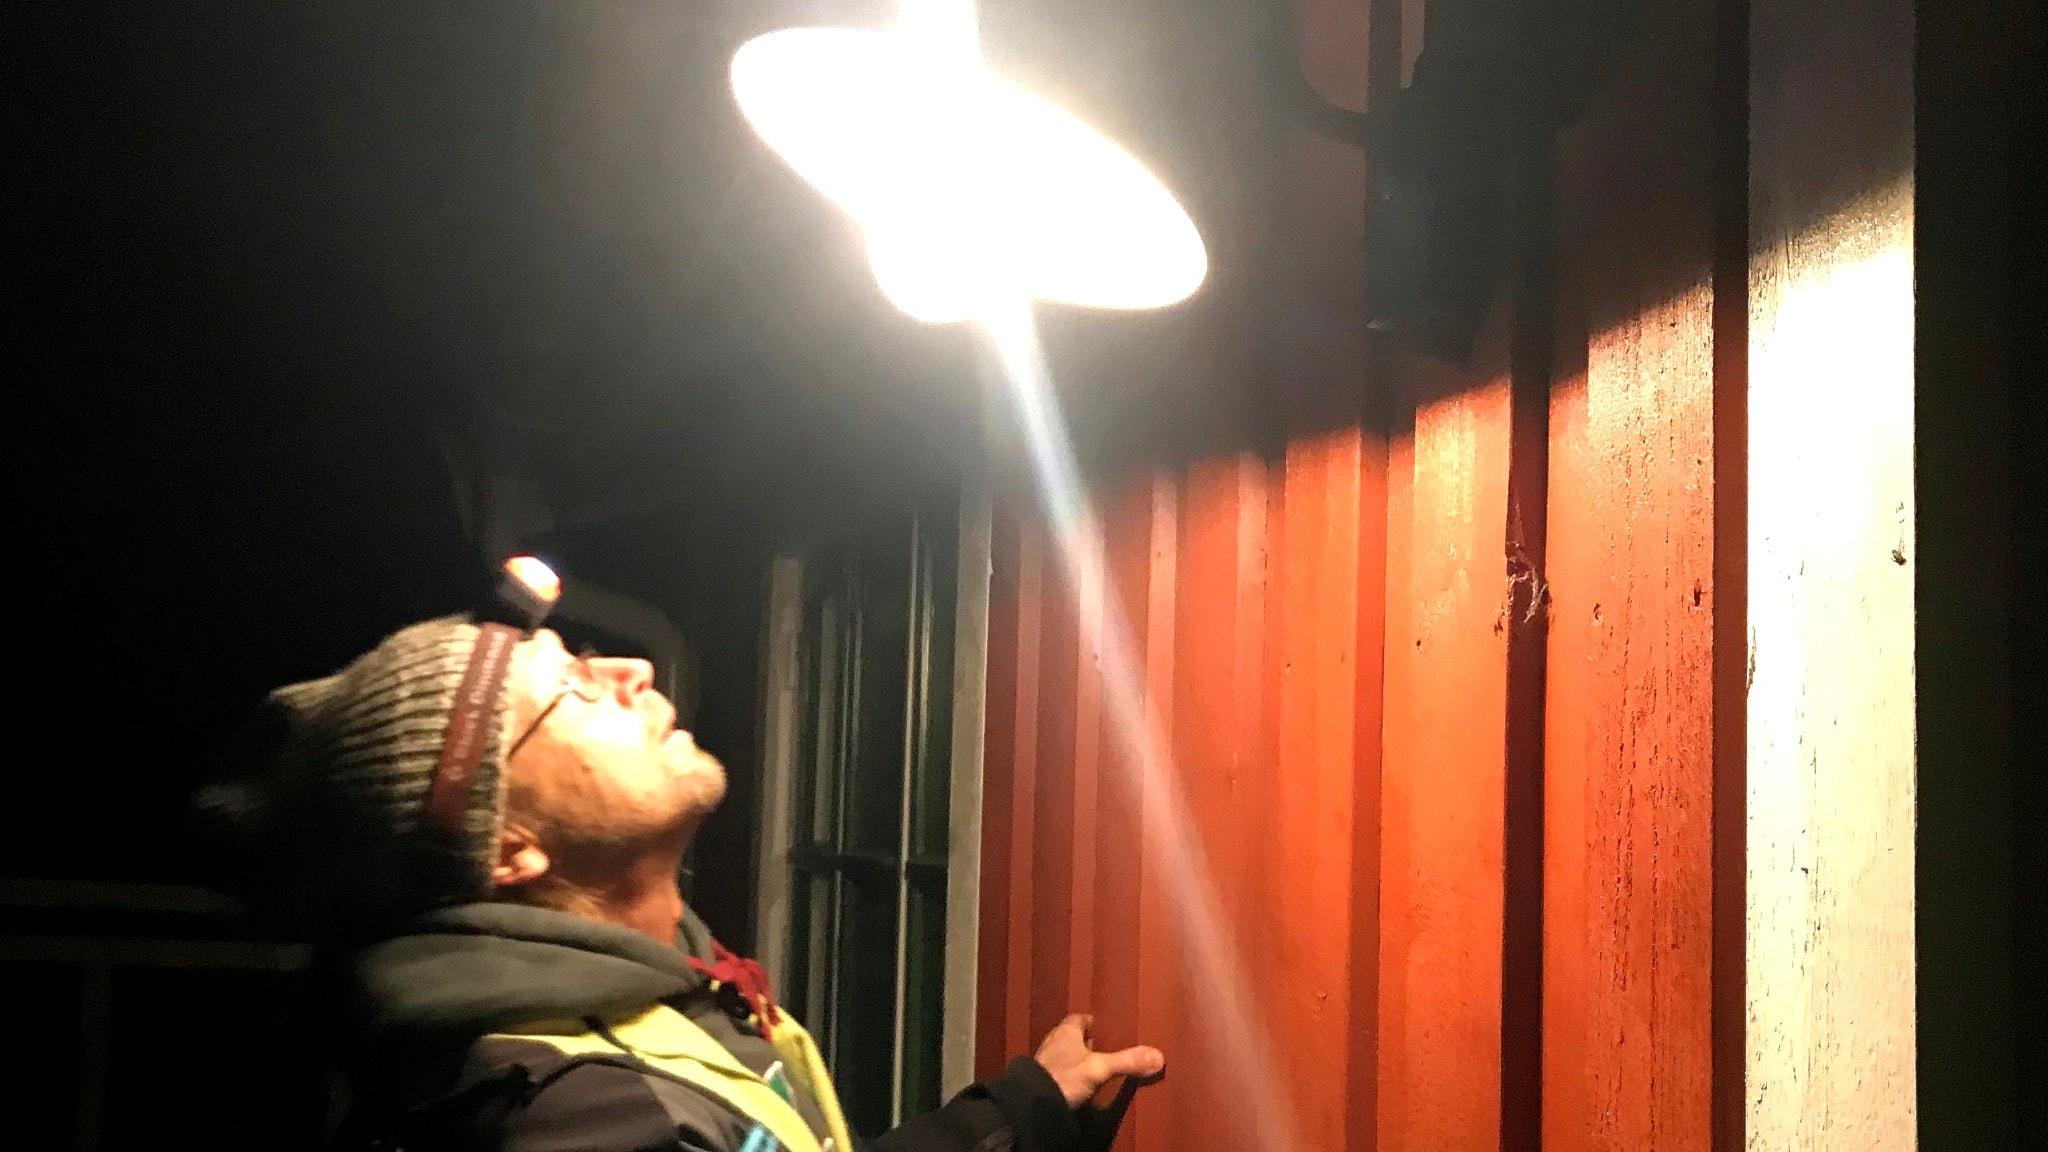 Ekologen Jan Olof Helldin, från Sveriges Lantbruksuniversitet, undersöker en utomhuslampa vid en sommarstuga i Södermanland.